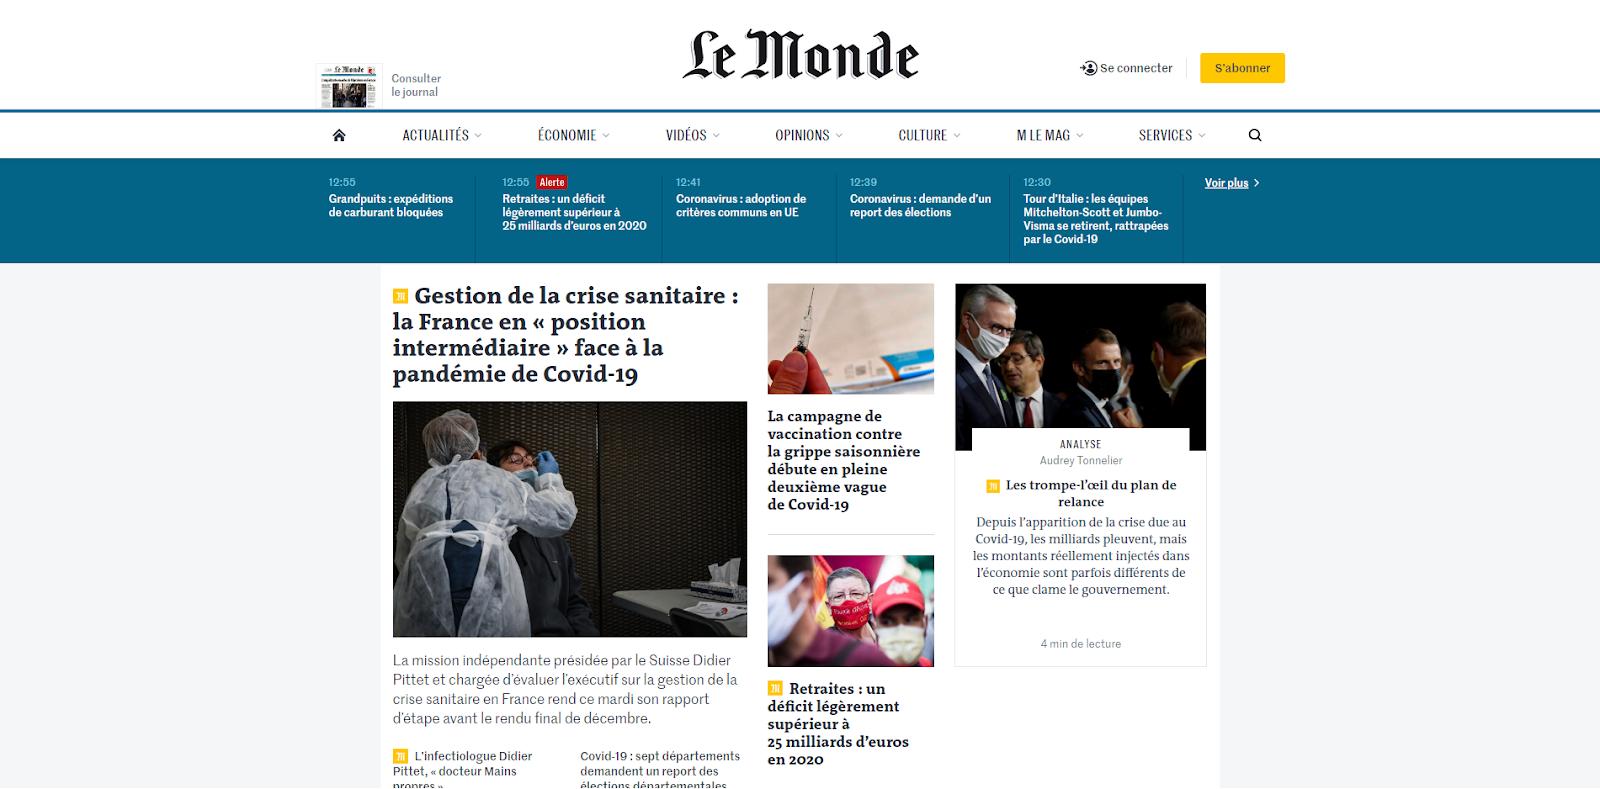 Page d'accueil lemonde.fr pour illustrer un exemple de web scraping